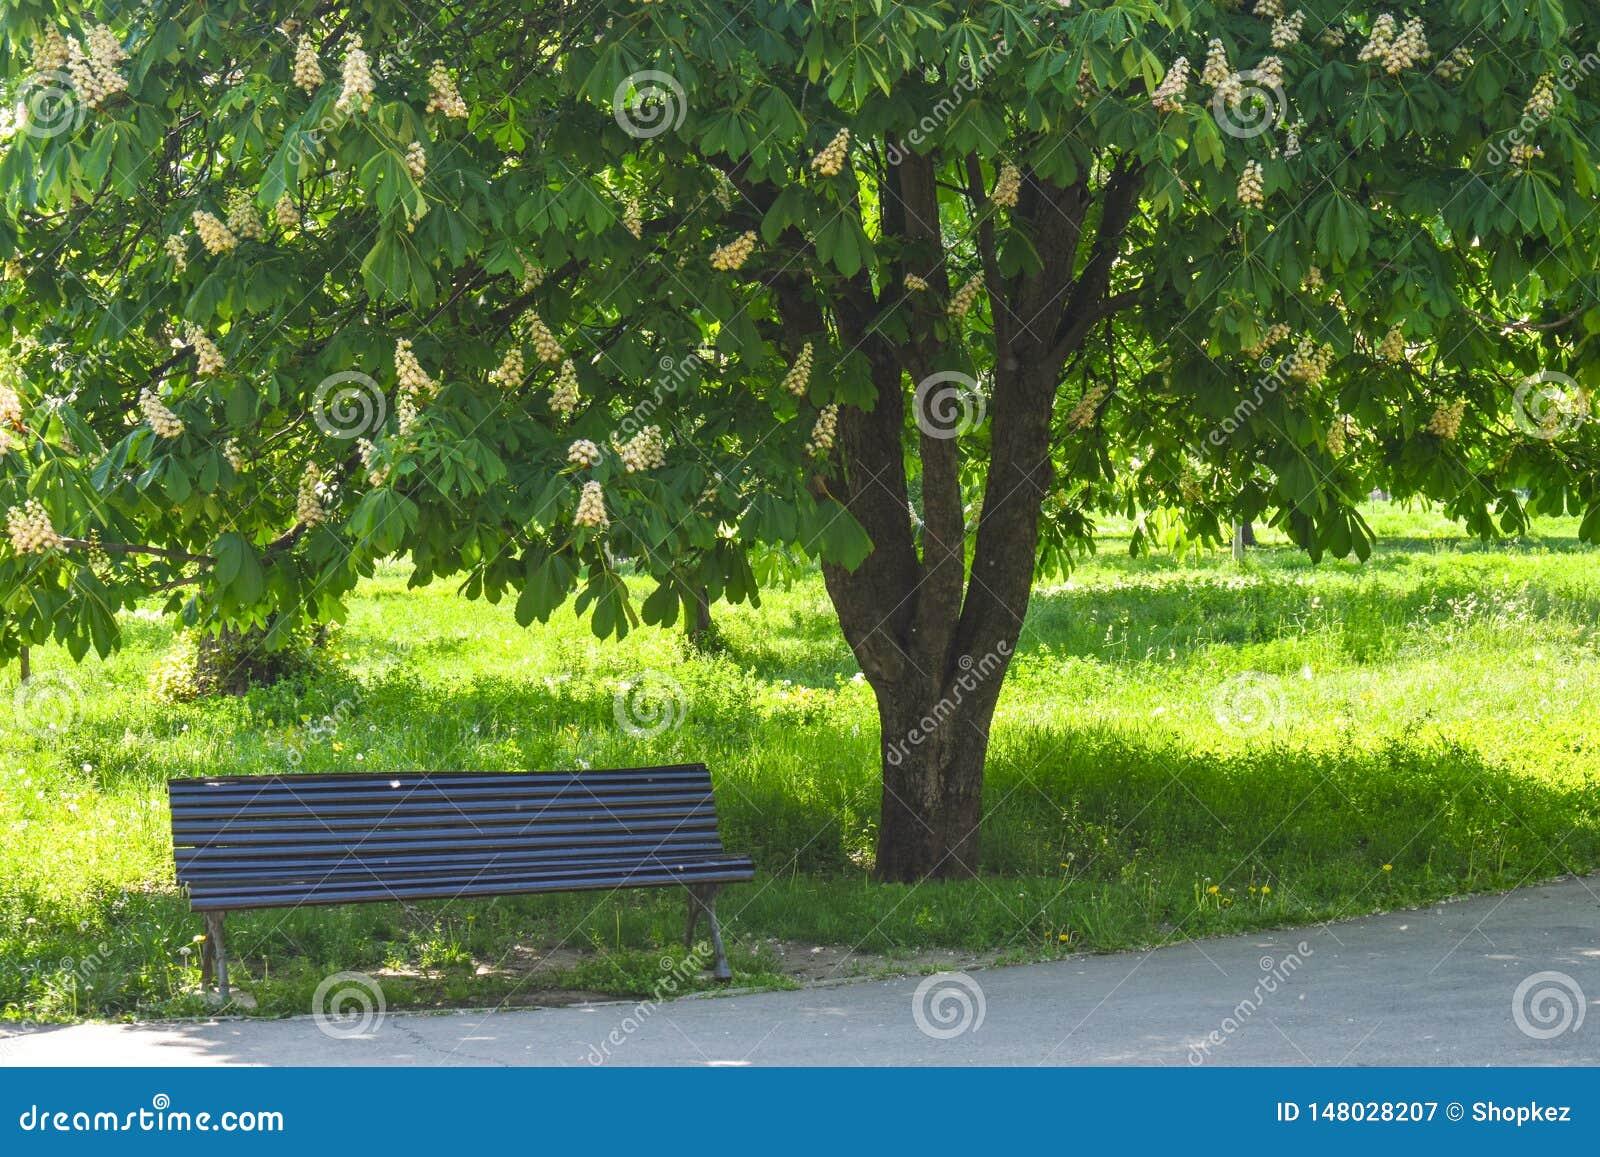 Lege houten bank onder de tot bloei komende kastanje in het centrale park in een zonnige de lentedag